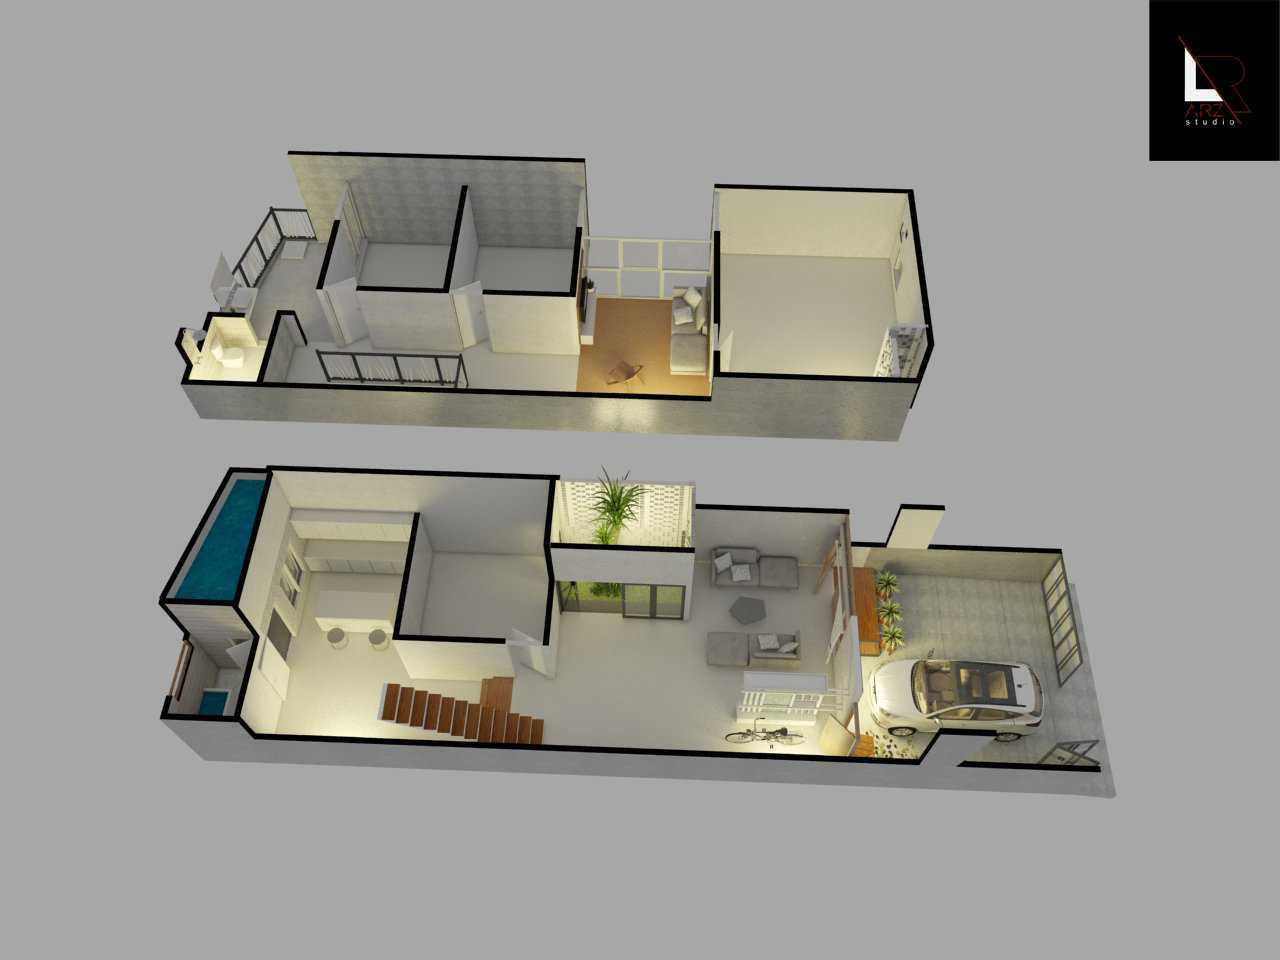 Arz Studio Desain Rumah Tropical Di Blitar Kademangan, Blitar, Jawa Timur, Indonesia Kademangan, Blitar, Jawa Timur, Indonesia Canopy  42744